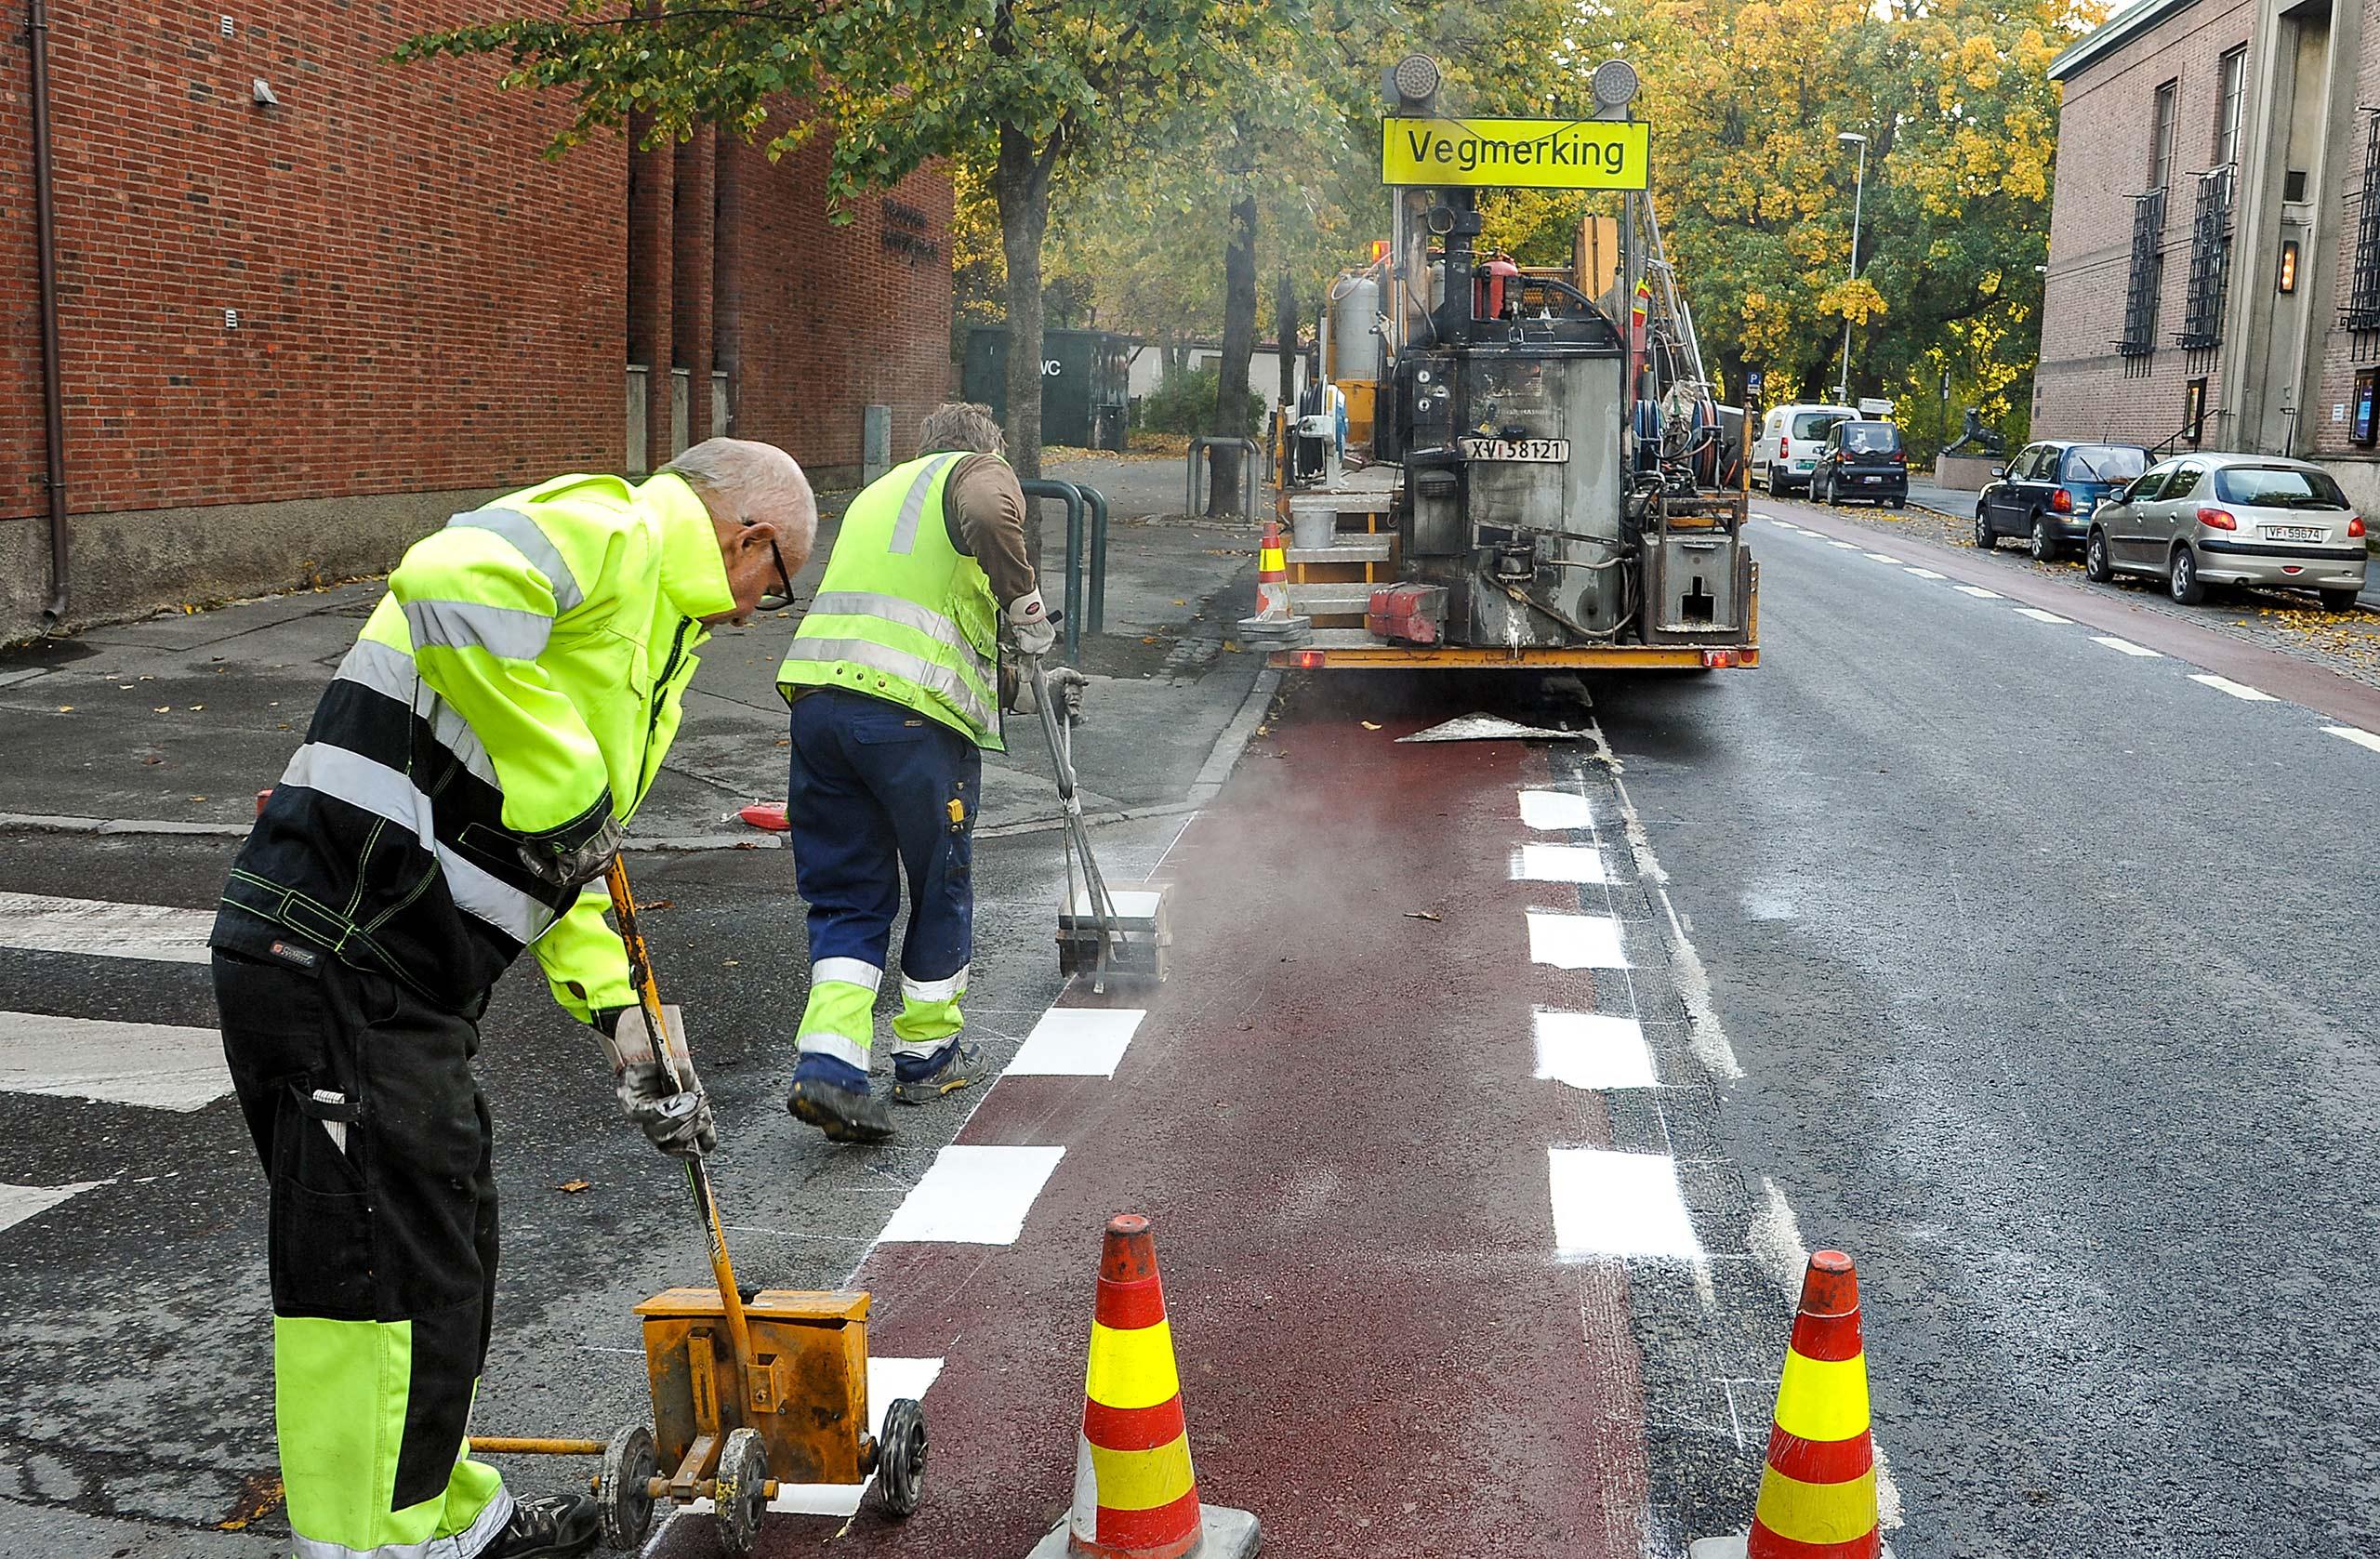 Bilde av arbeid med å tegne veistriper